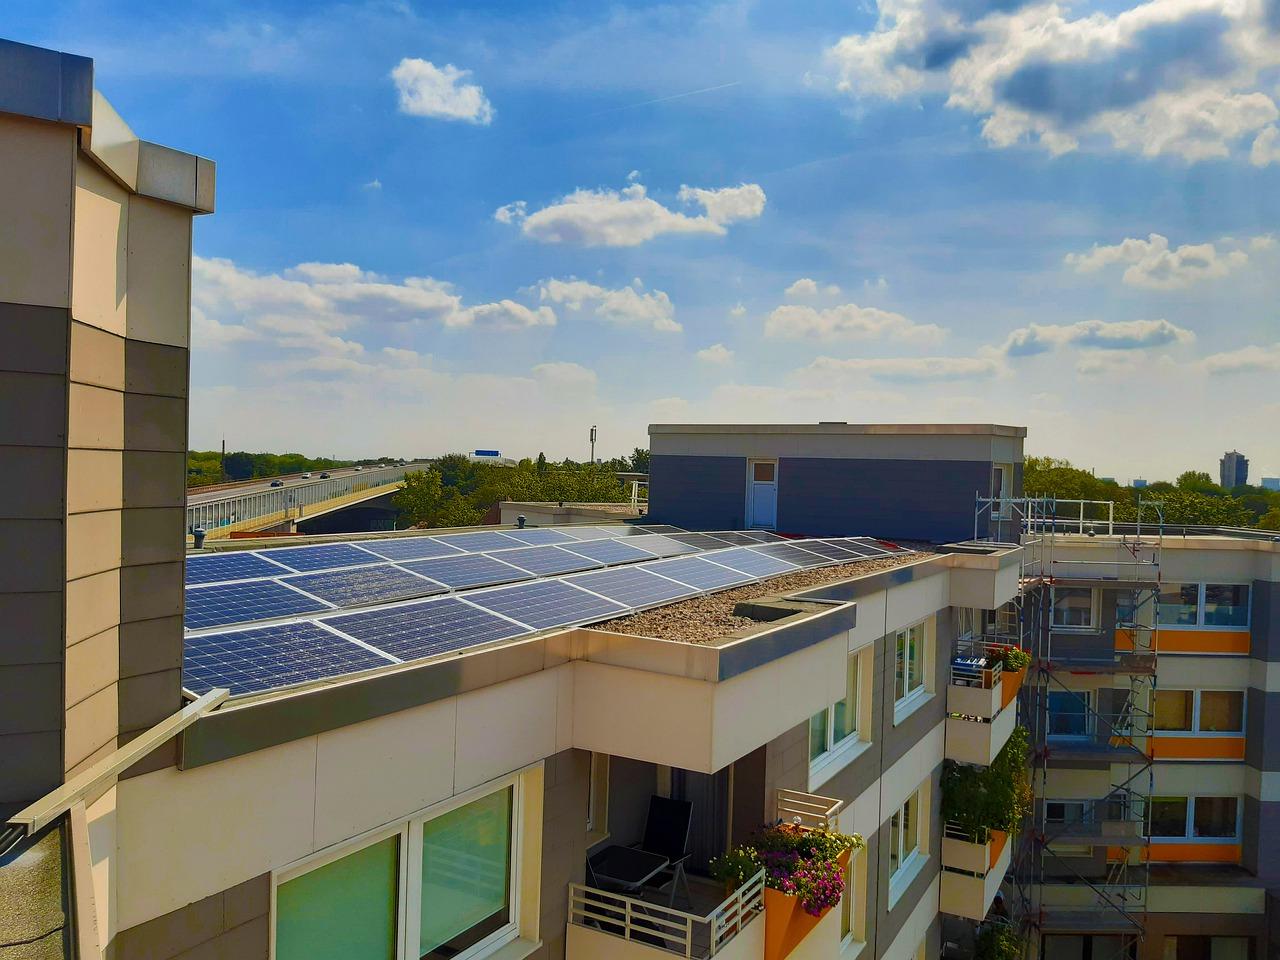 Sun Power: Does Solar Improve Home Value?